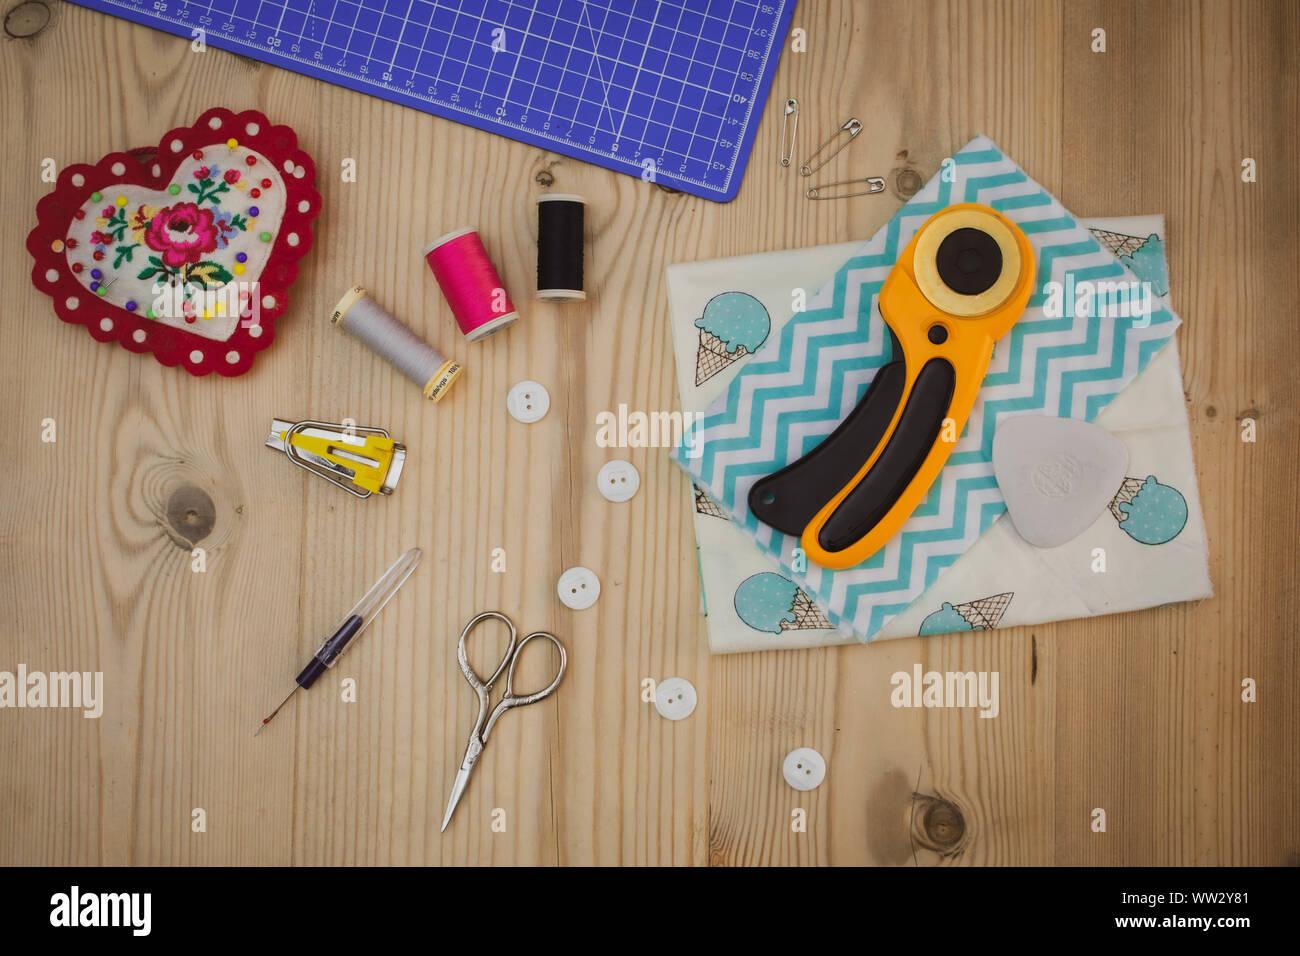 Costura plana imagen laicos de herramientas, equipos y accesorios de mesa de madera Foto de stock